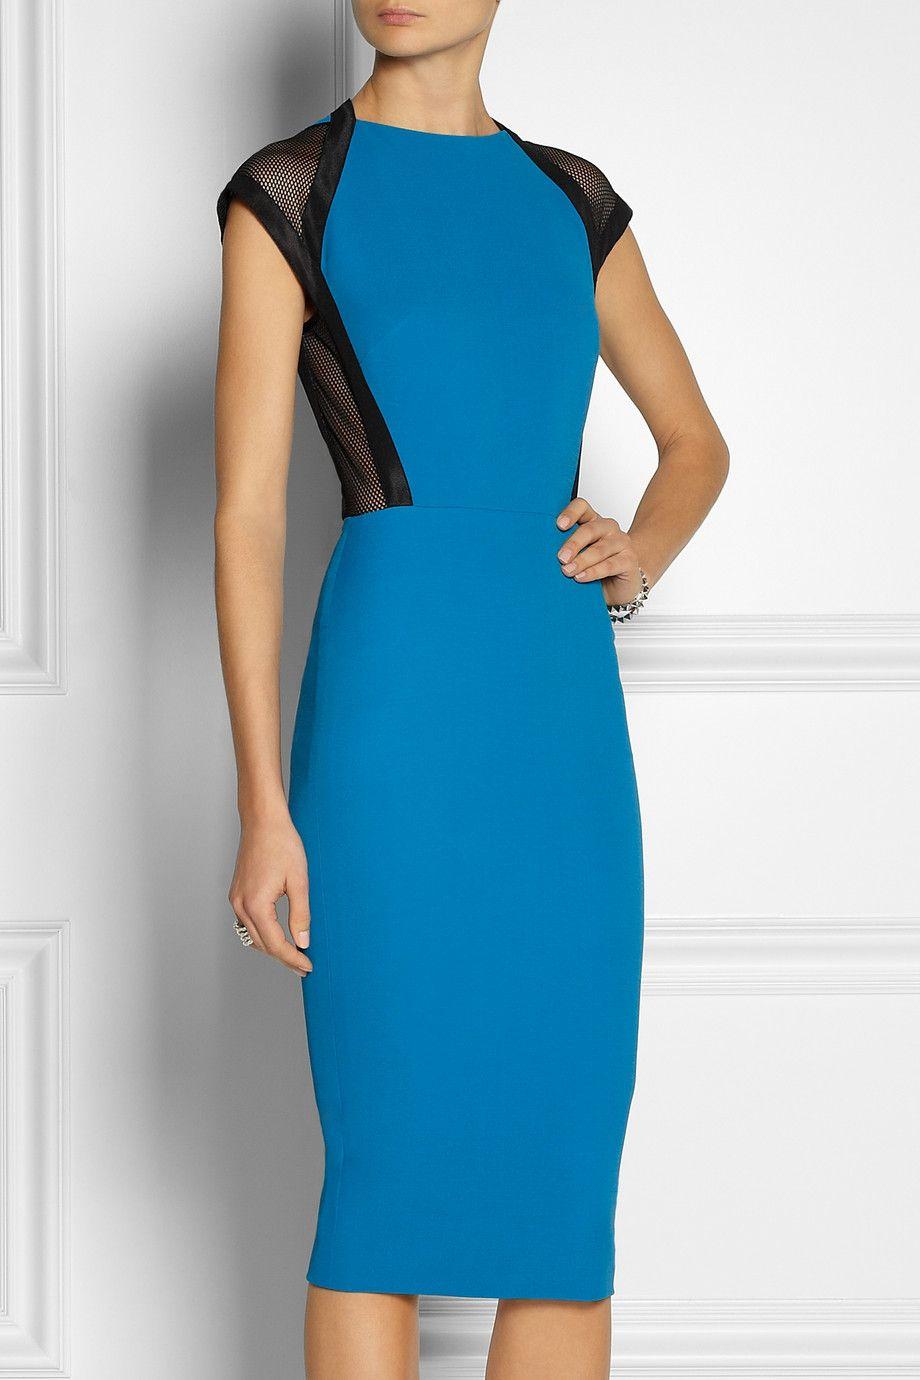 Victoria Beckham Mesh Trimmed Silk And Wool Blend Dress Net A Porter Com Dresses Business Dresses Casual Dresses For Women [ 1380 x 920 Pixel ]